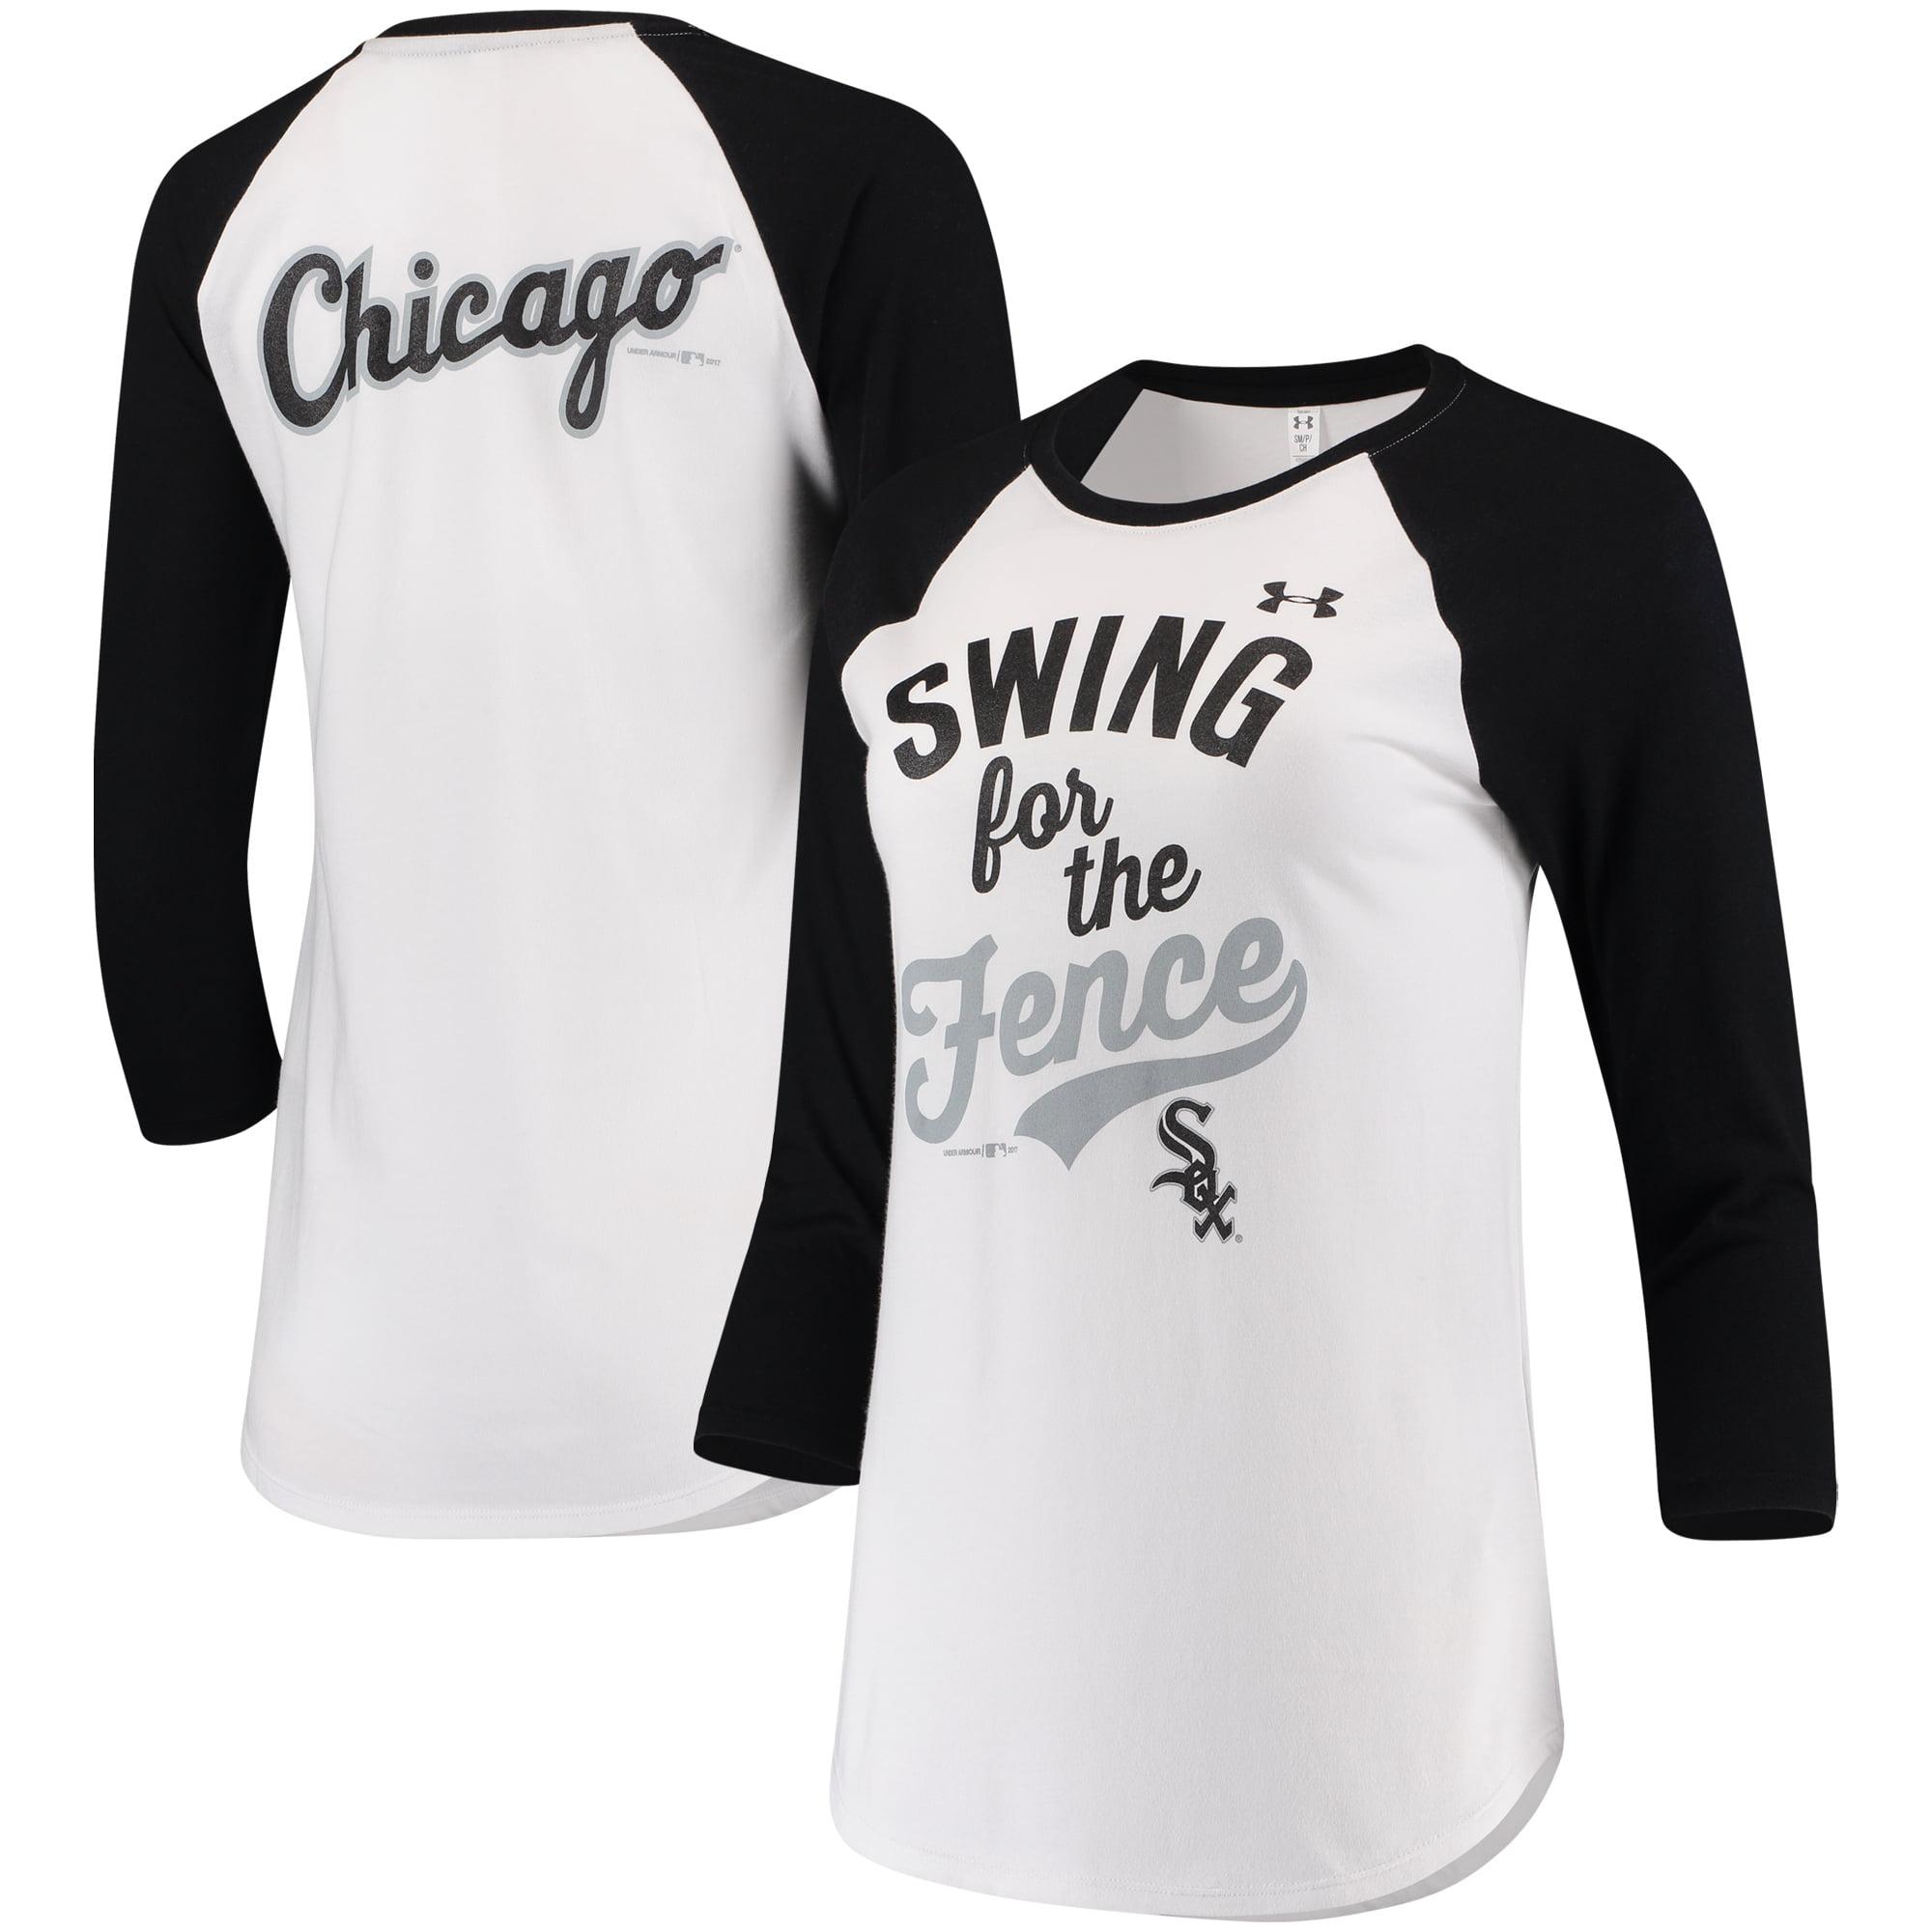 Chicago White Sox Under Armour Women's Baseball 3/4-Sleeve T-Shirt - White